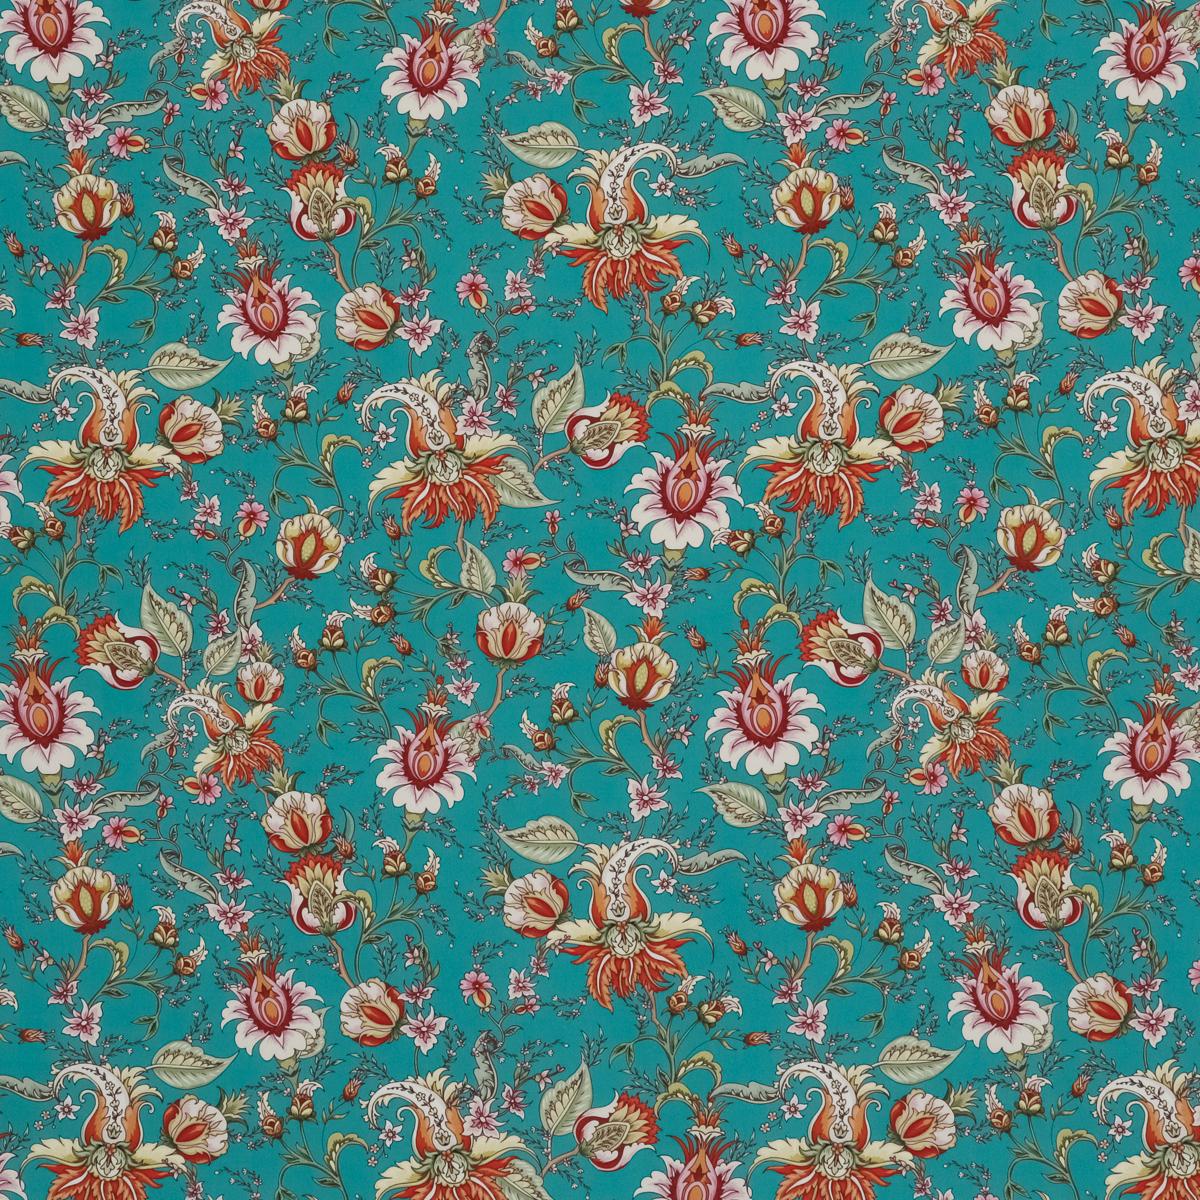 Шёлковый крепдешин бирюзового цвета с пышными бутонами